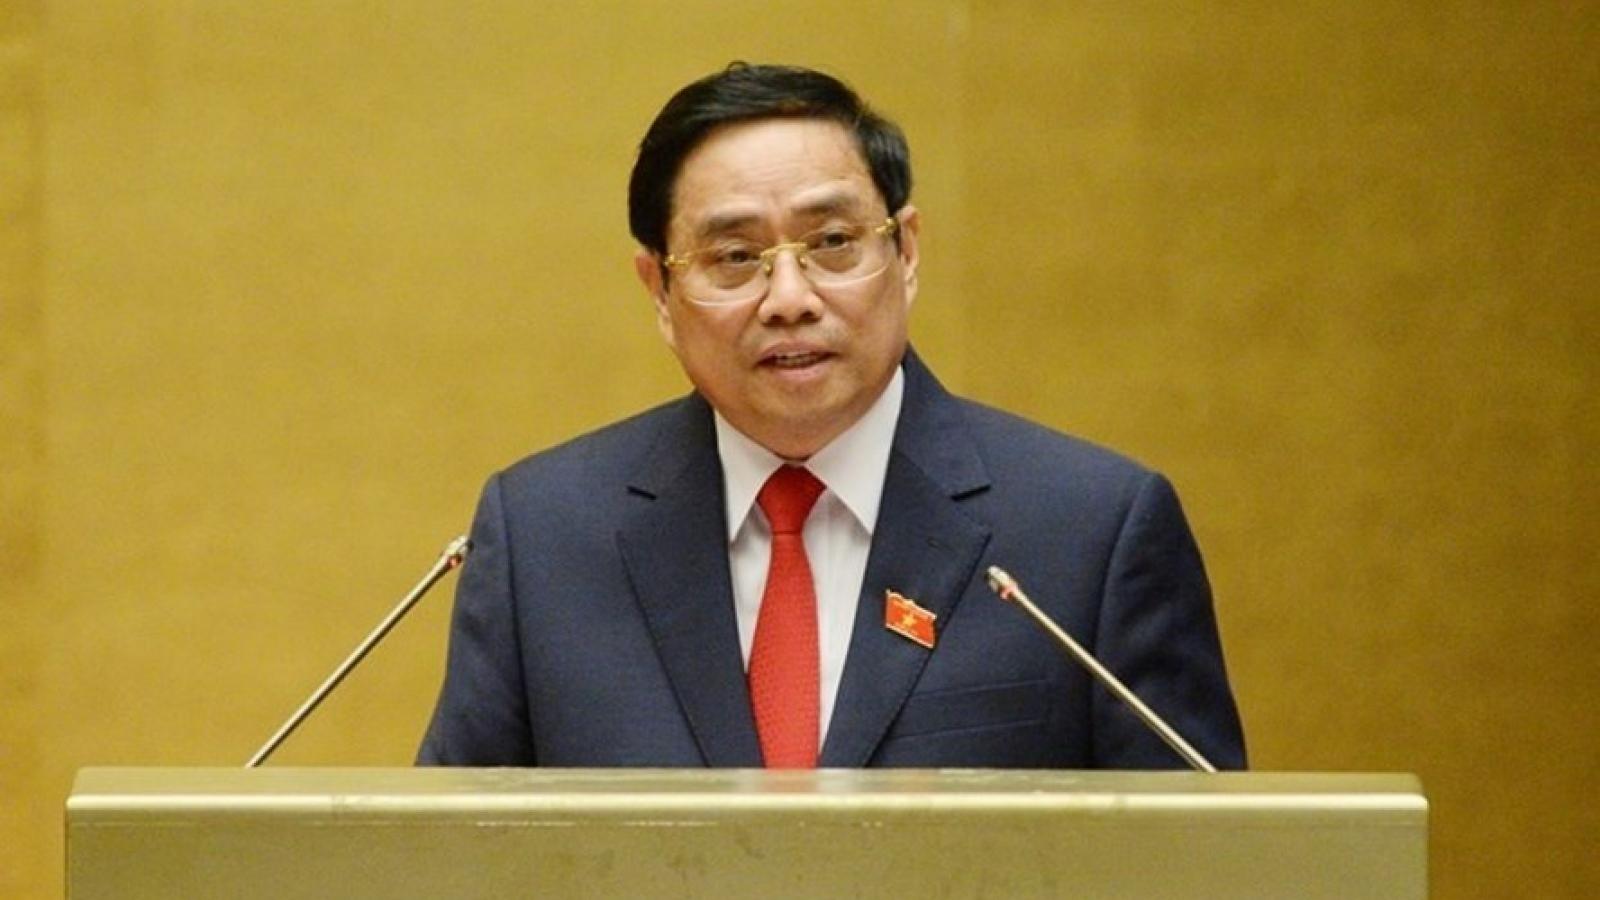 Toàn văn phát biểu của Thủ tướng tại Lễ công bố thành viên Chính phủ